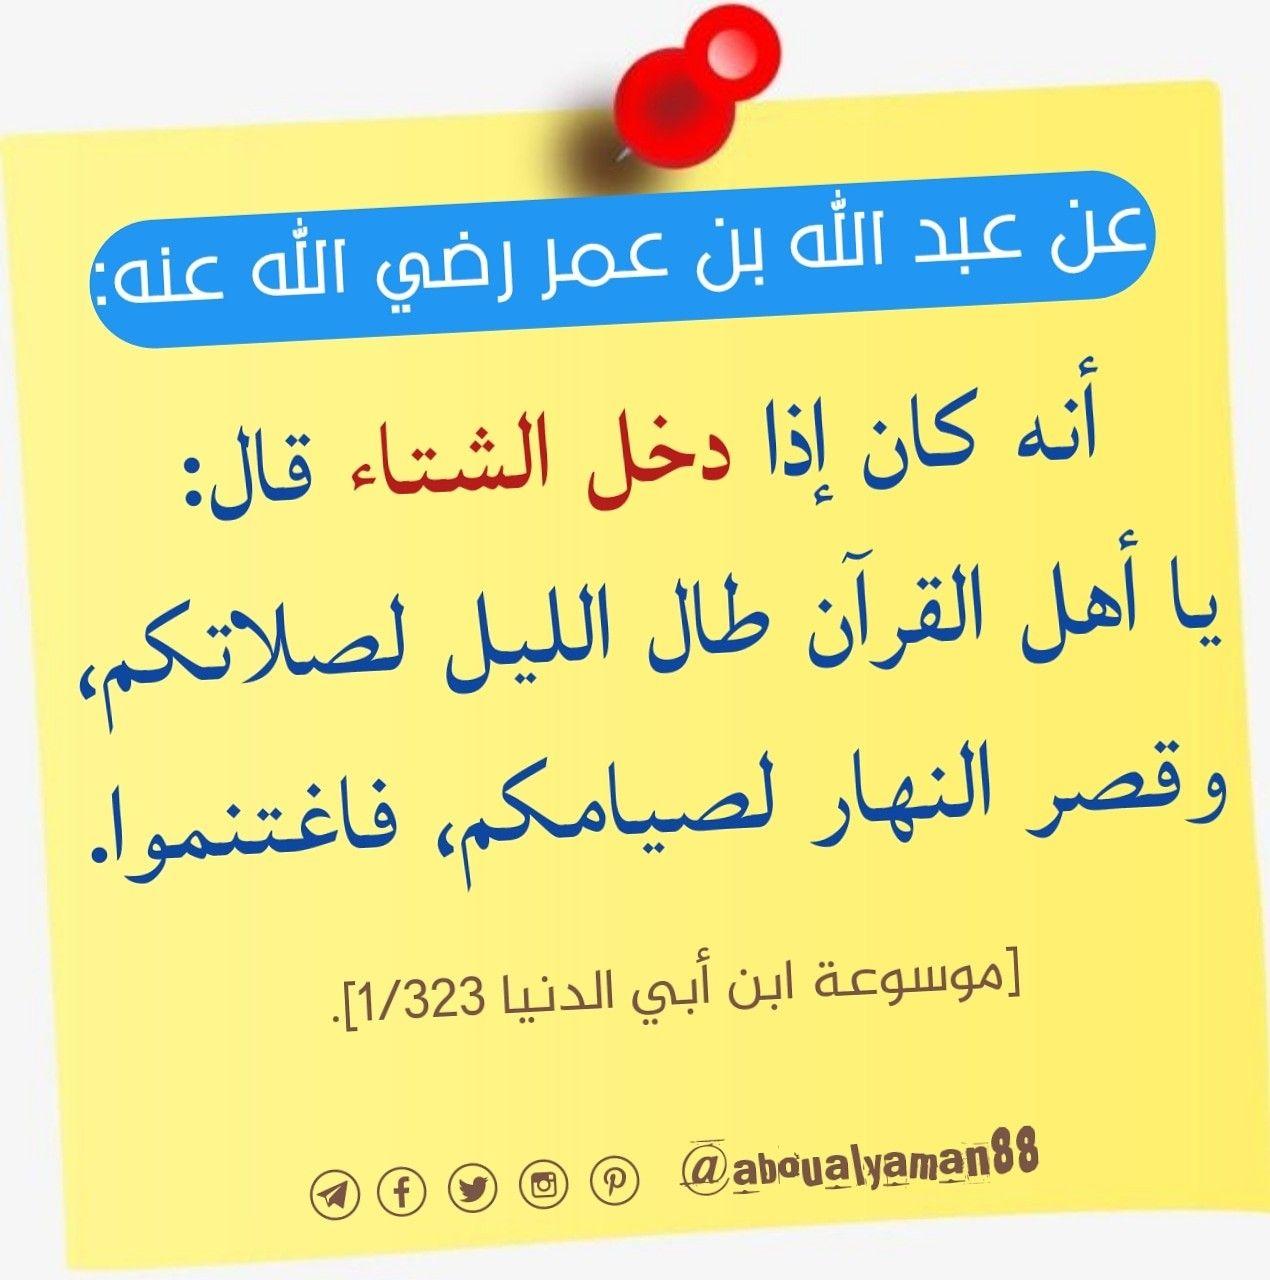 الشتاء Islam Ramadan Personality Development